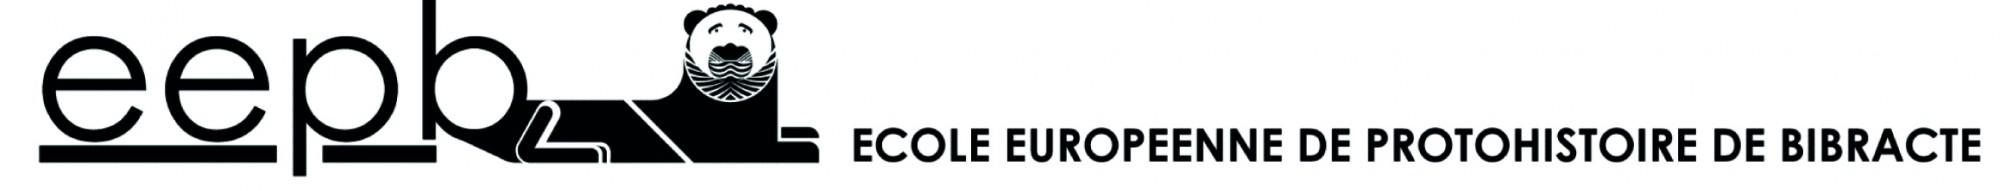 Ecole Européenne de Protohistoire de Bibracte